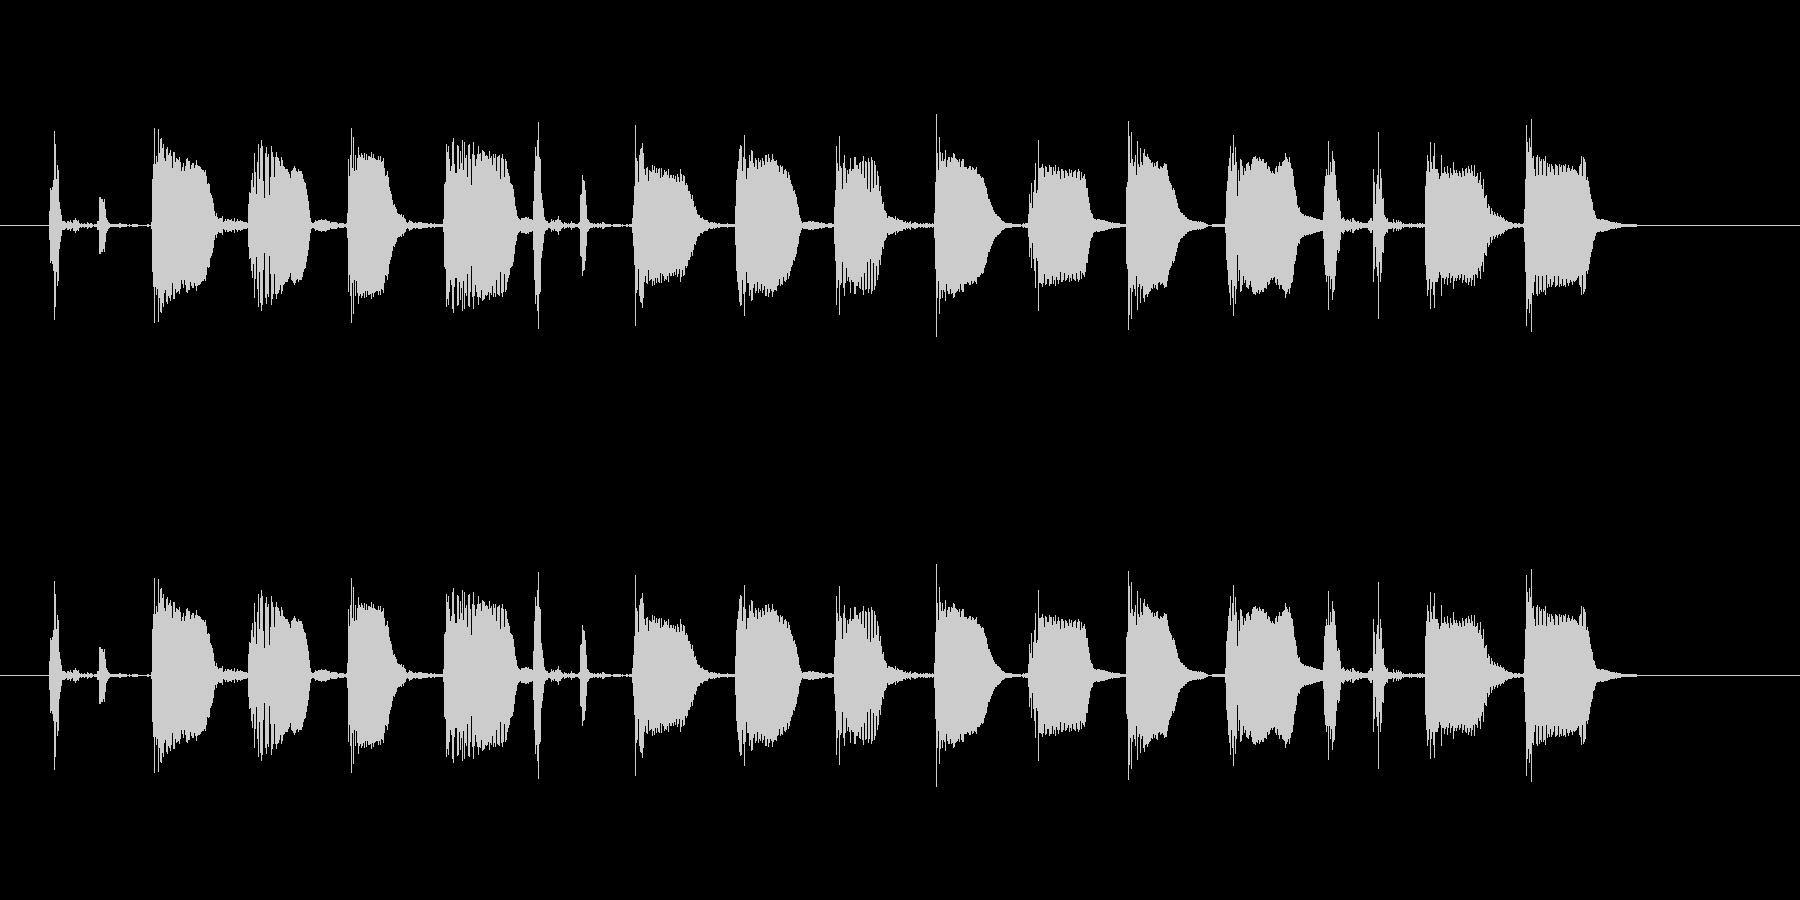 【エレキギター・リフ】ファンク風の未再生の波形